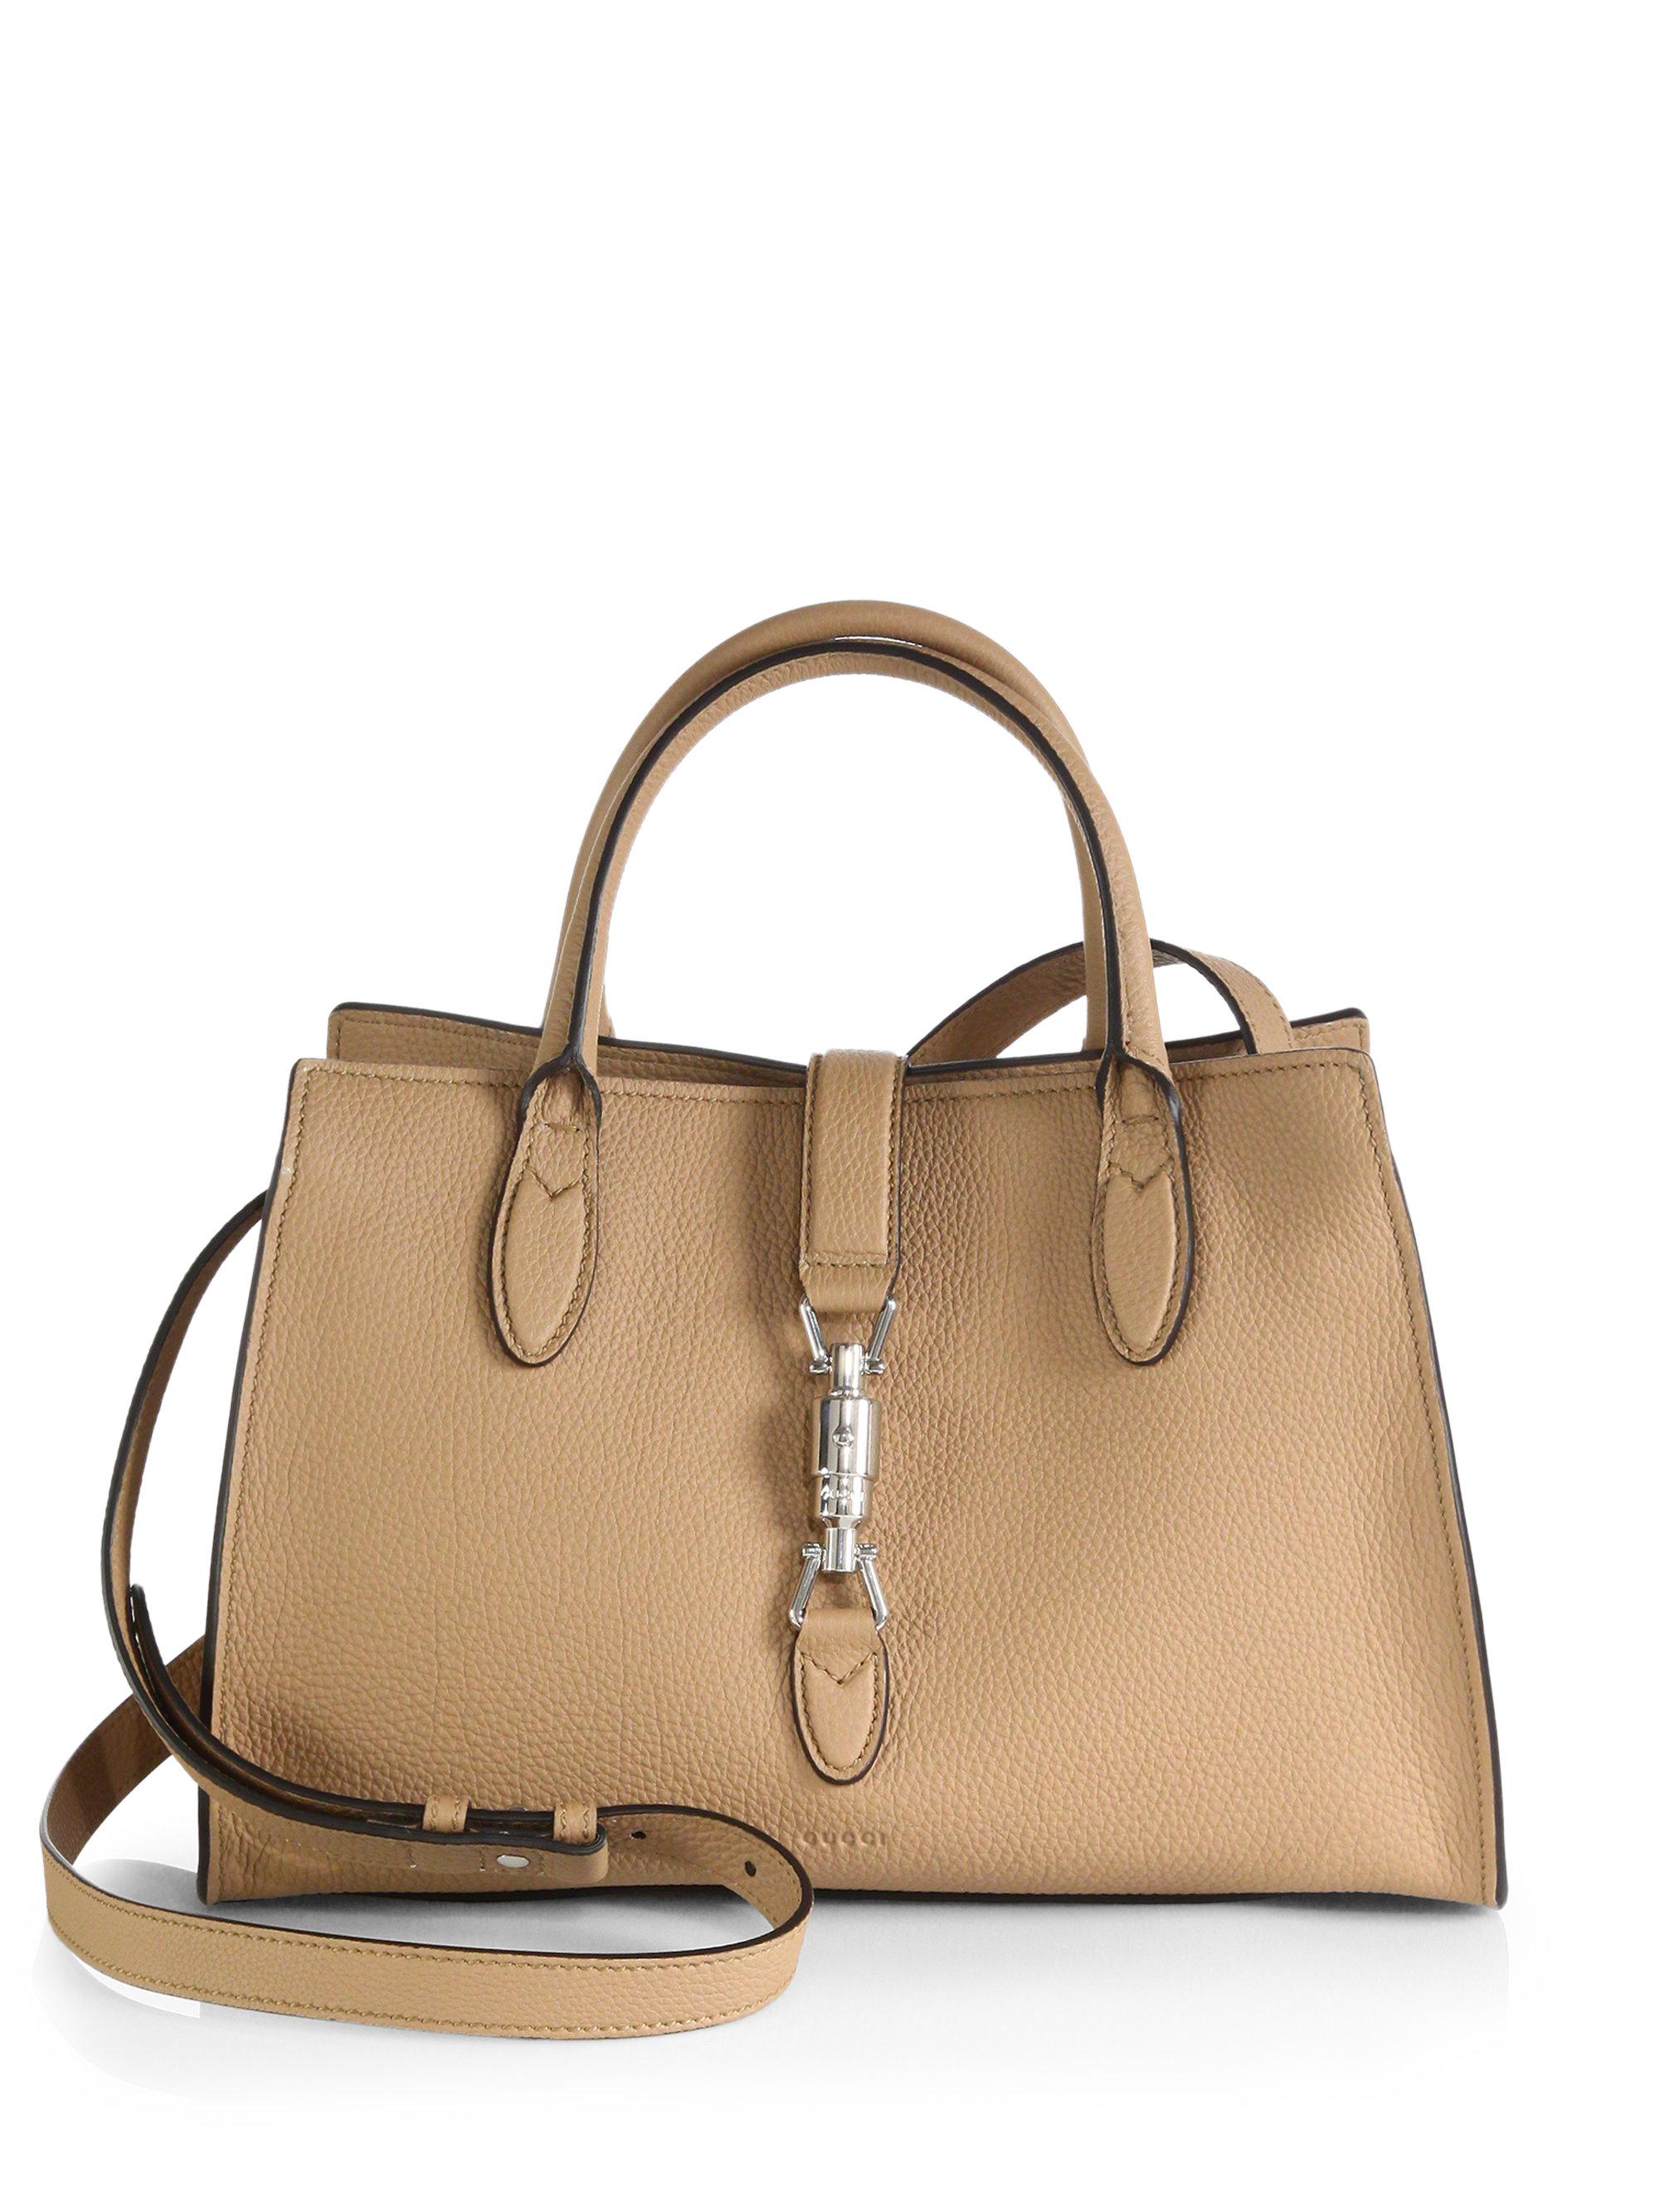 5d2d43de61b ... info for 90e91 5a75b Lyst - Gucci Jackie Soft Leather Top Handle Bag in  Natural ...